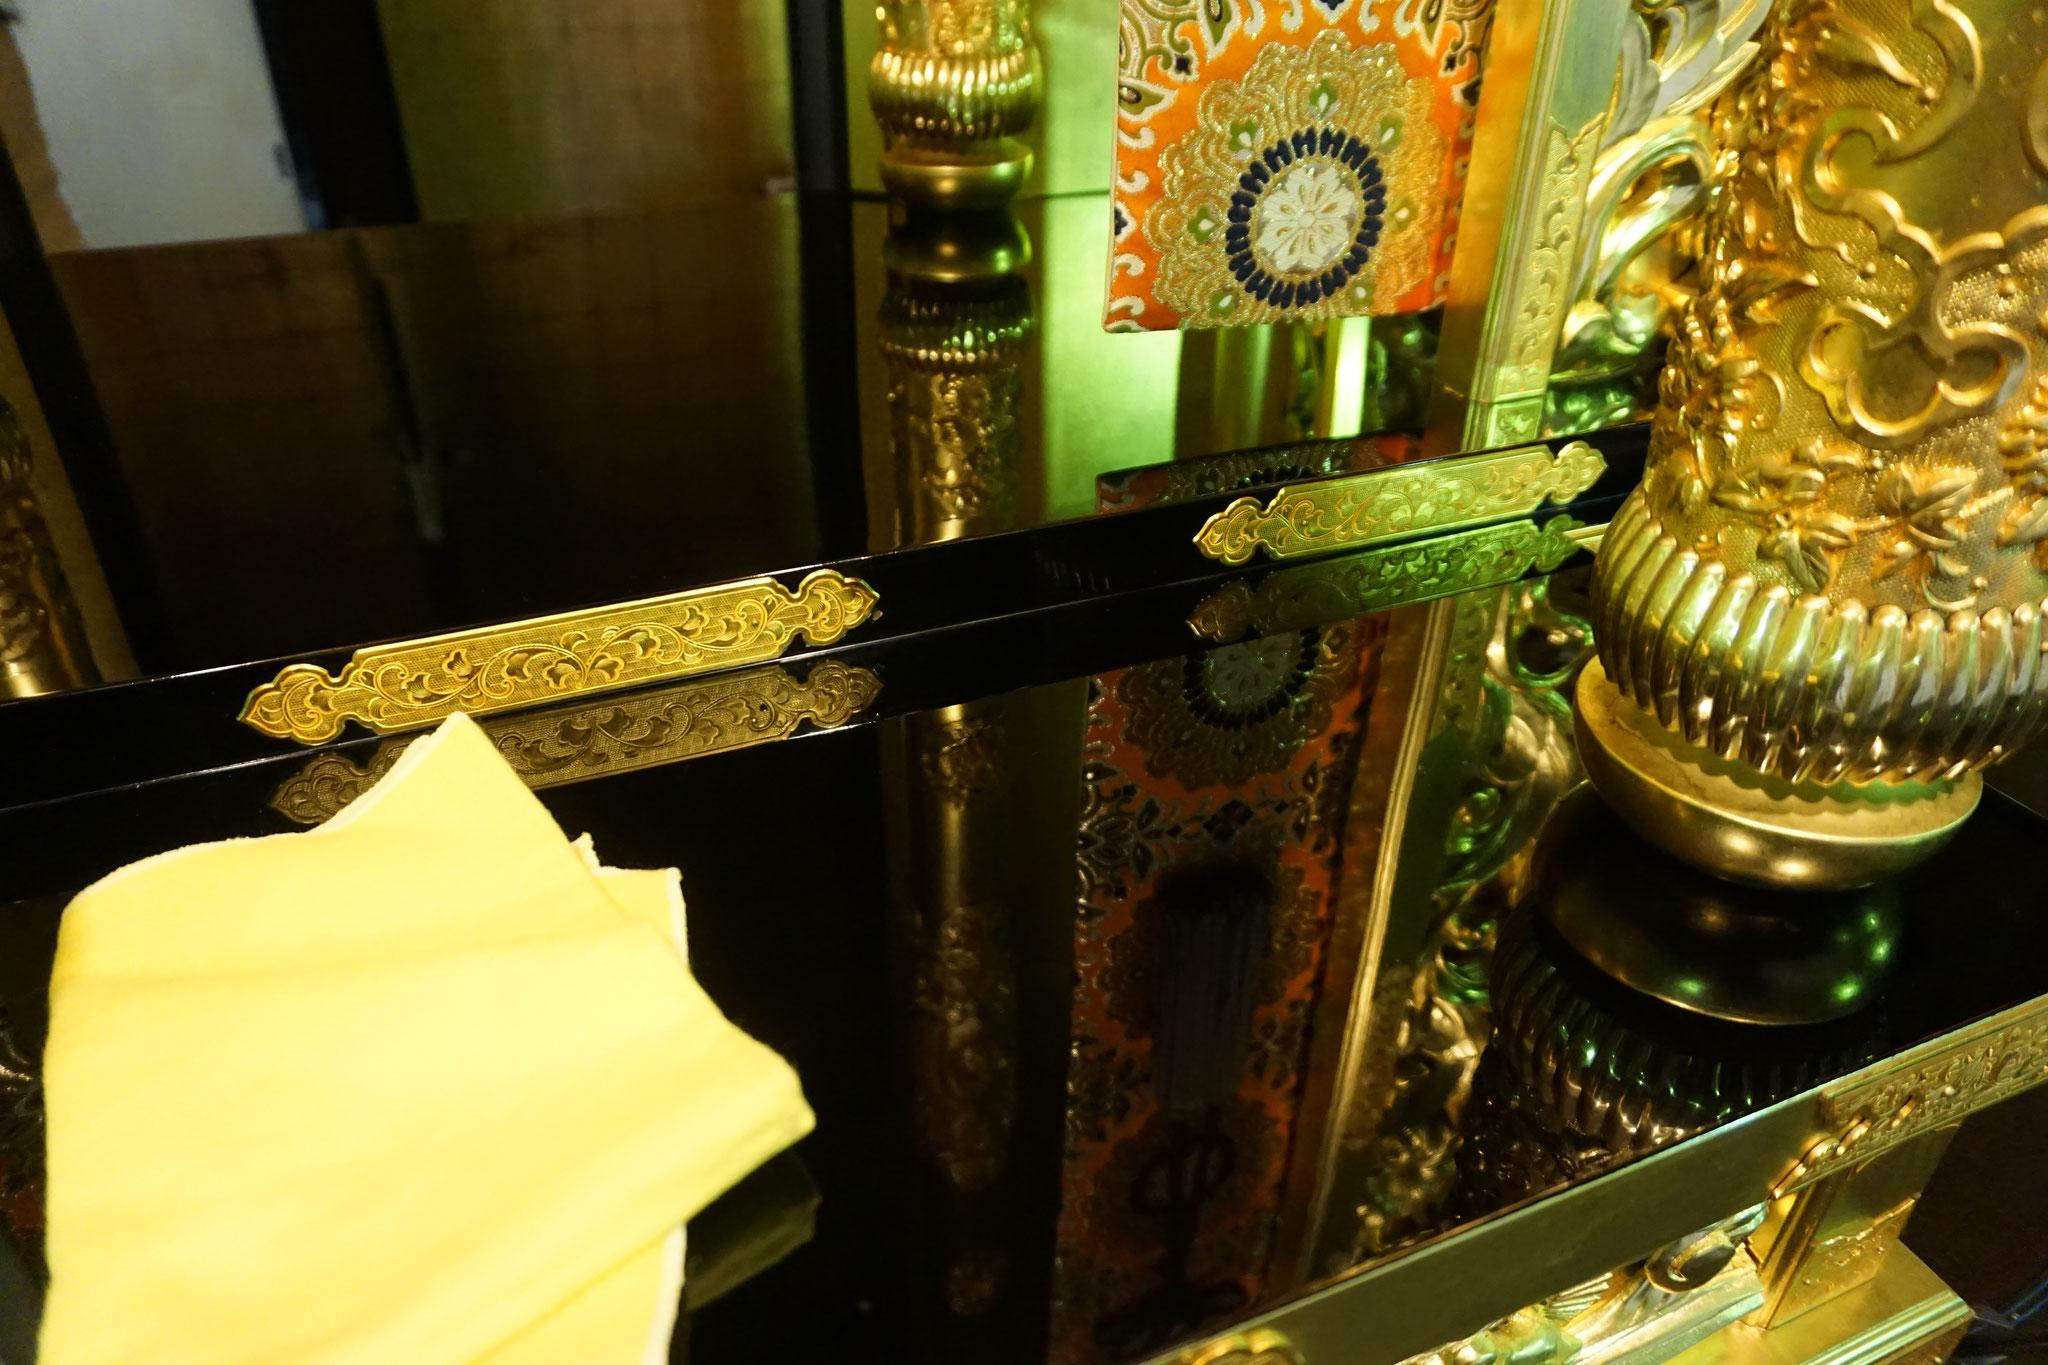 この仏具は平成2年新調で27年経ちますが、漆磨きを使うとくすみが取れ、鏡のような輝きになります